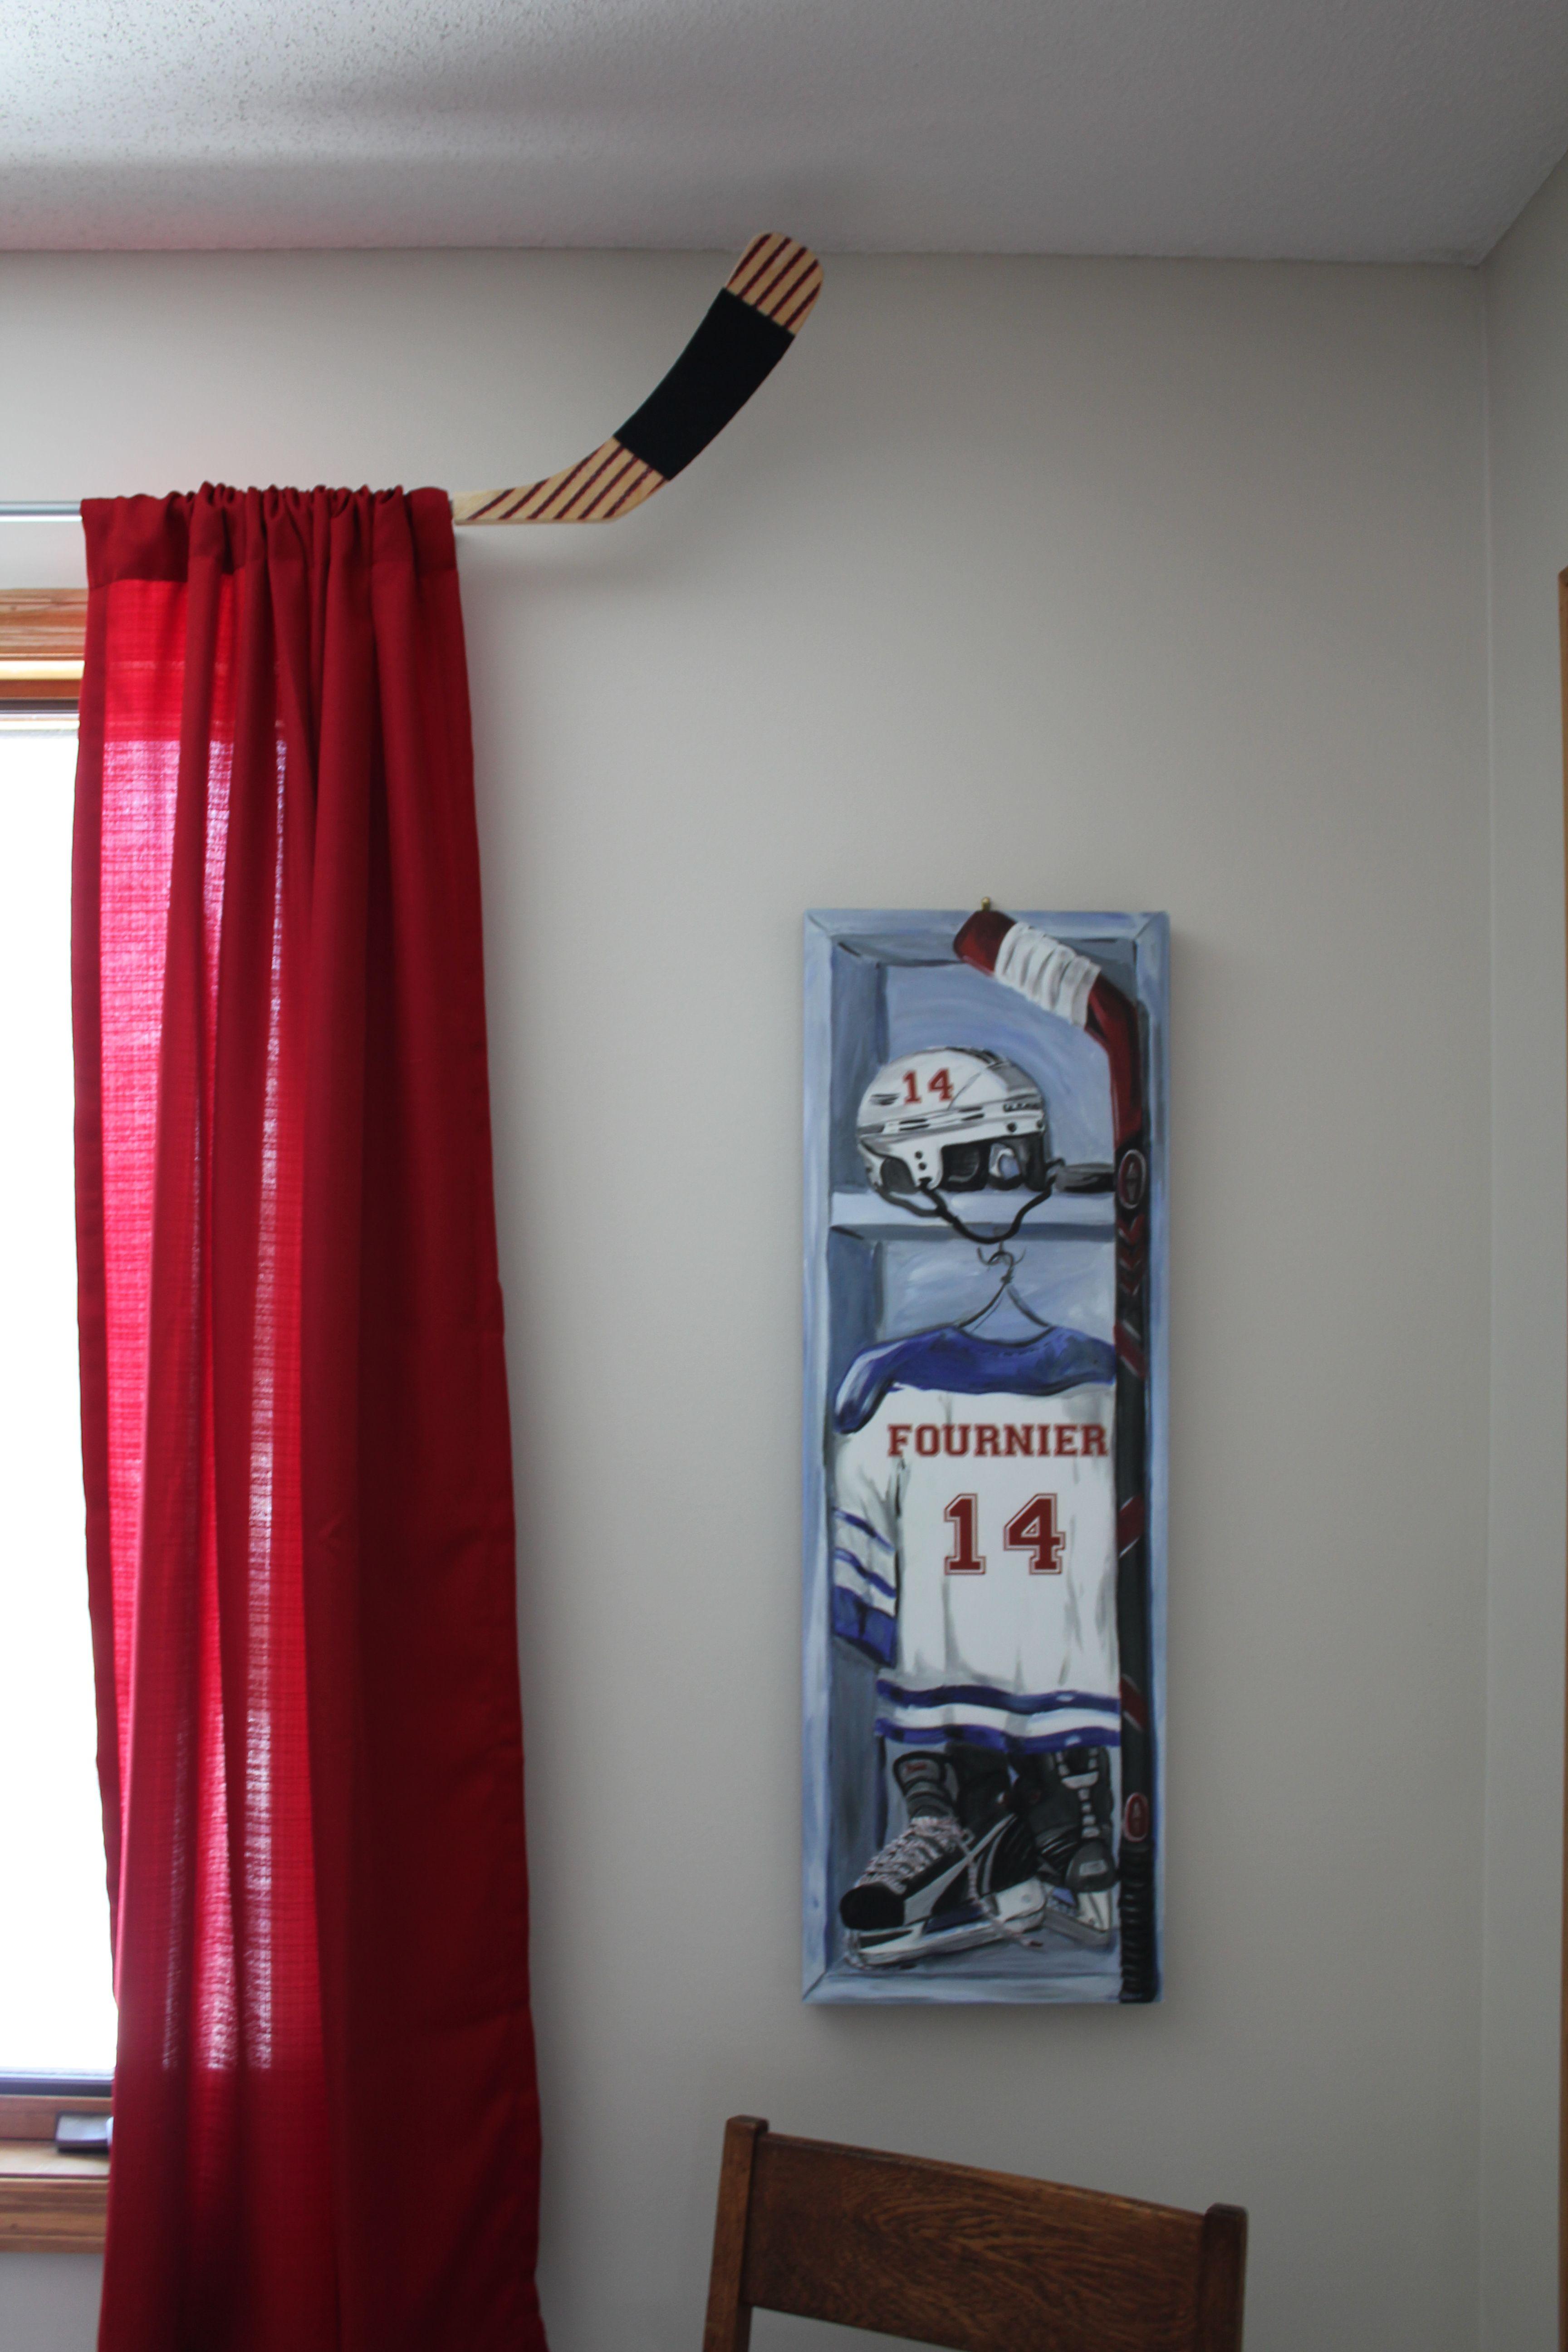 Hockey Stick Curtain Rod And Custom Canvas To Look Like Hockey